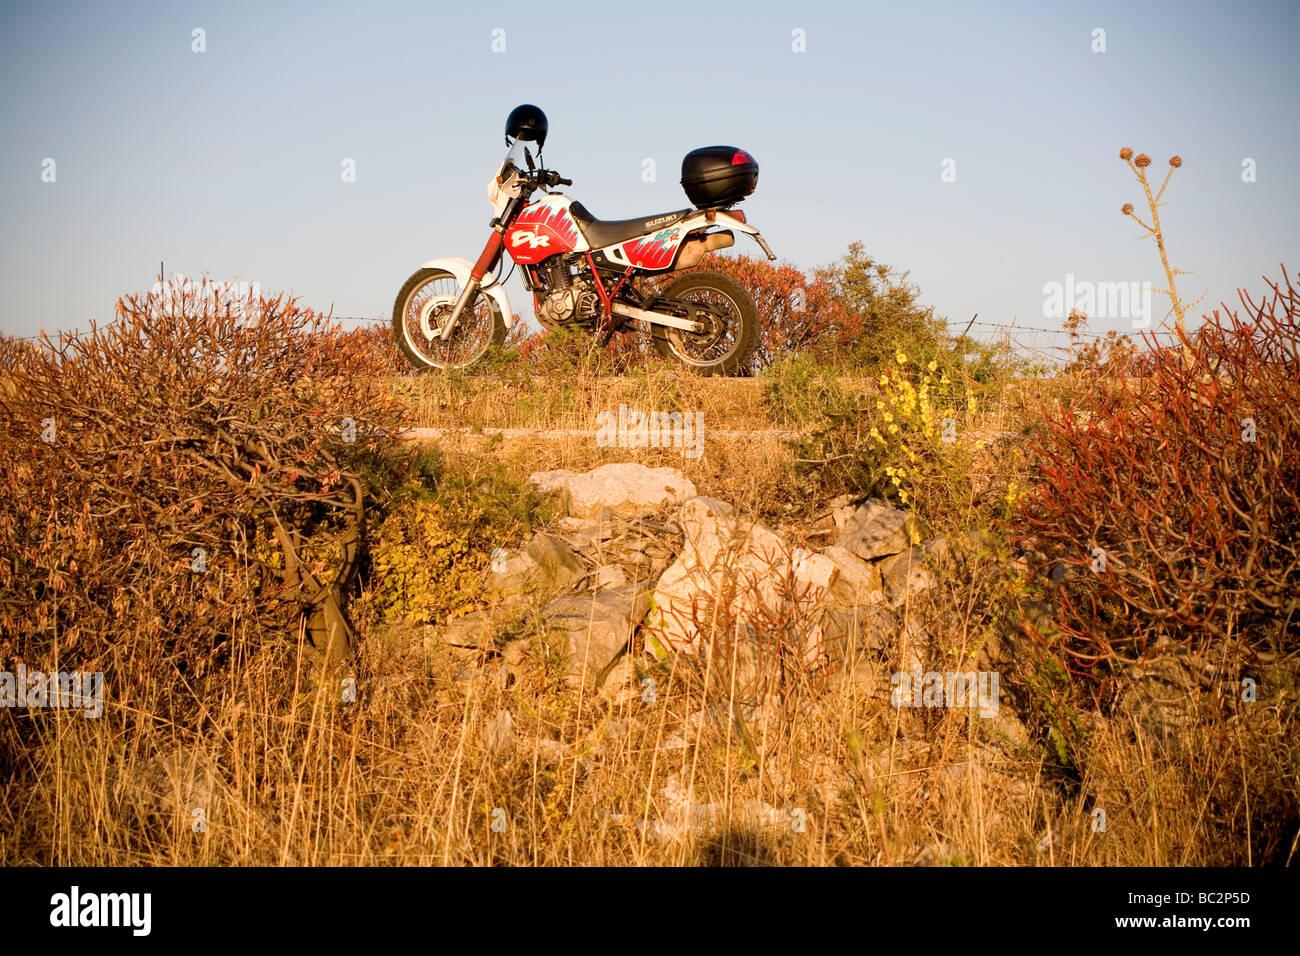 Suzuki DR 650 off road Moto en campo Imagen De Stock